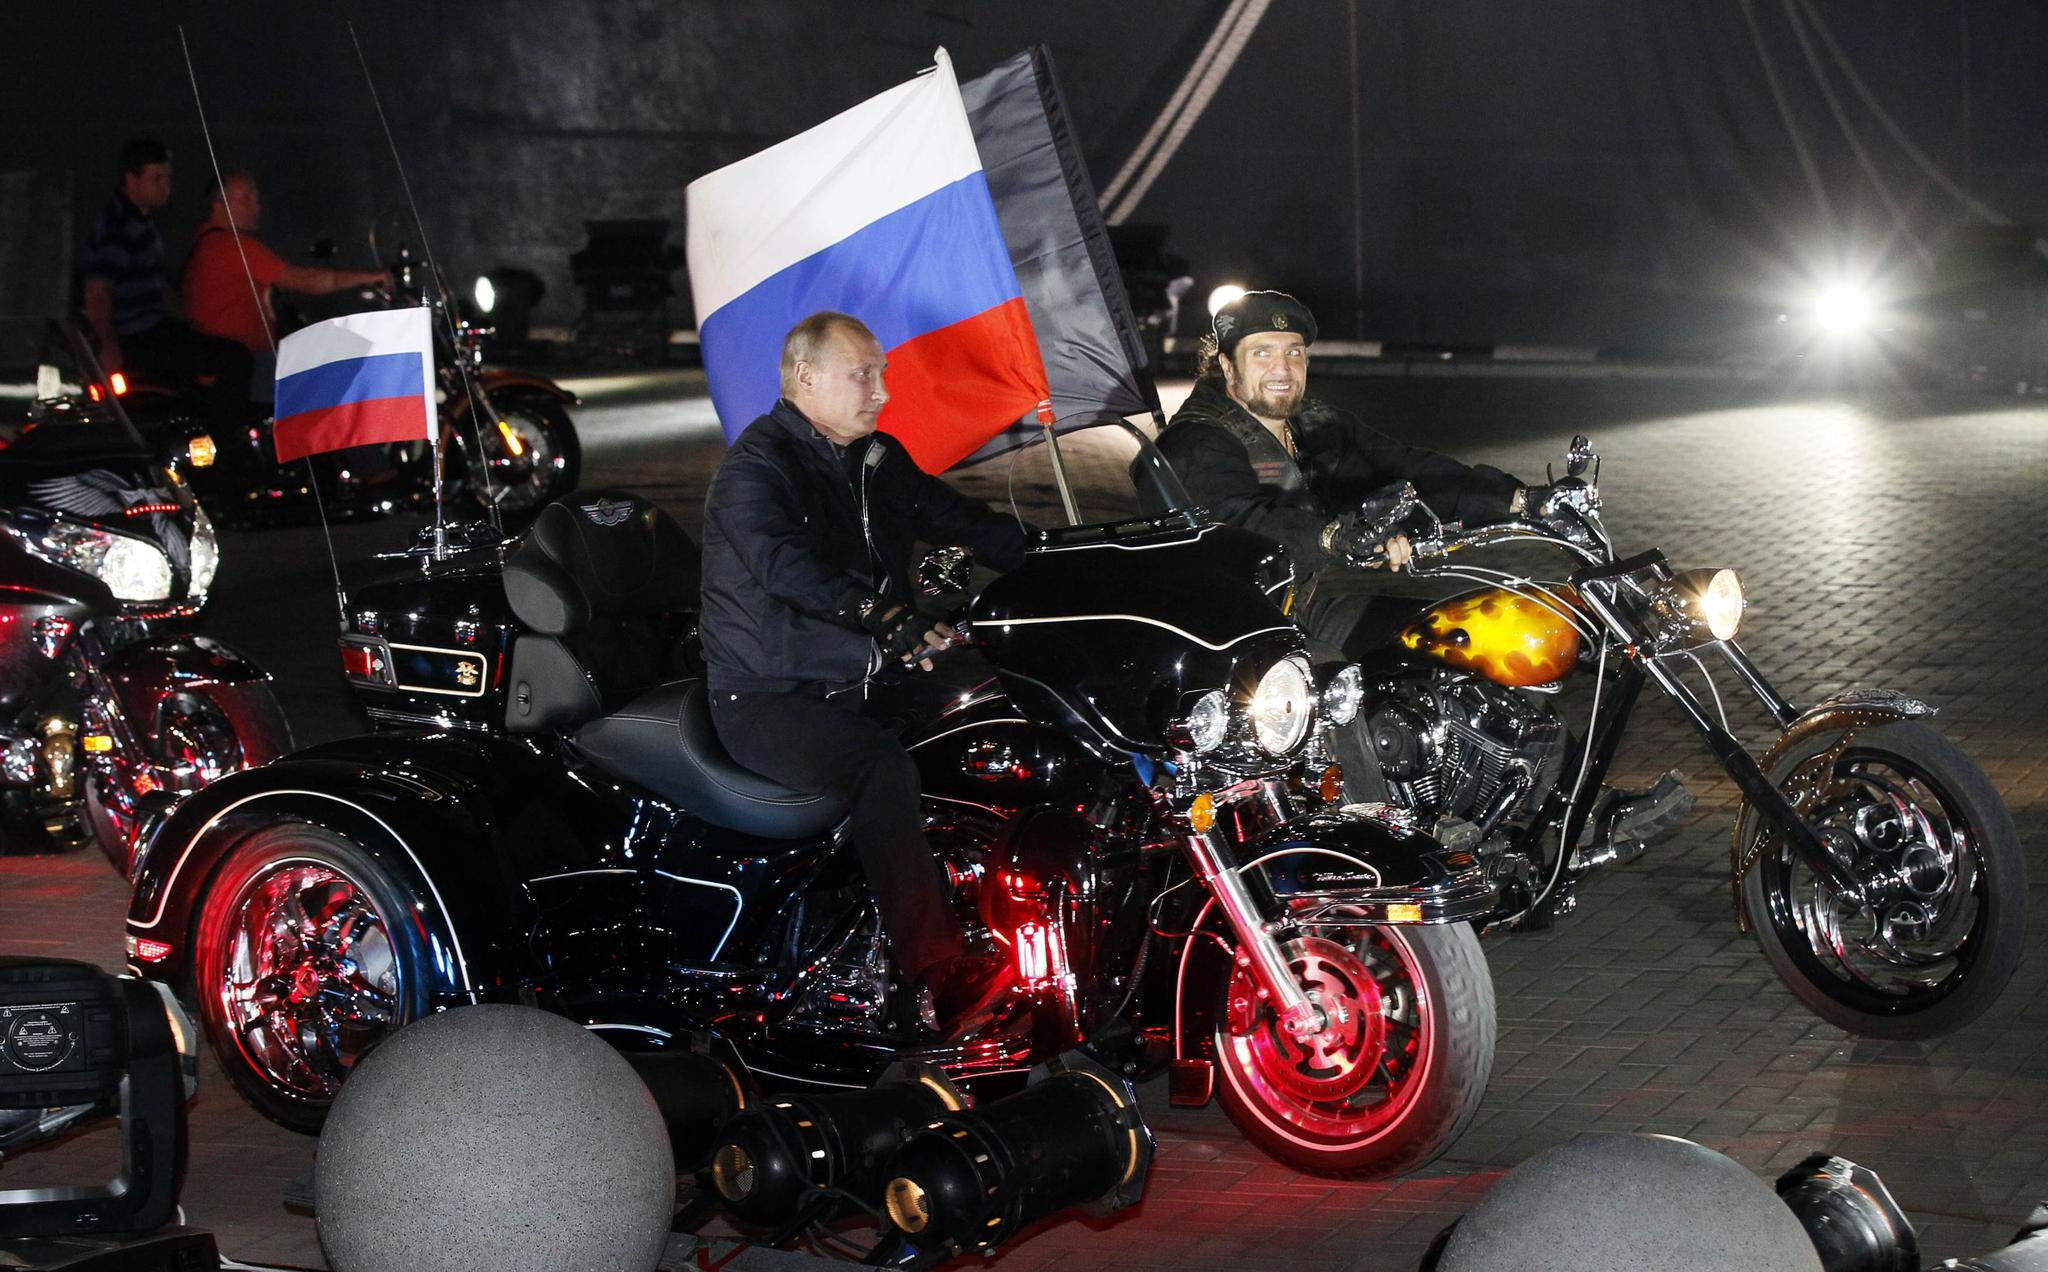 지난 2011년 회담차 우크라이나를 방문 한 푸틴 대통령(당시 총리)이 오토바이 축제장을 찾아 폭주족 나이트 울프와 함께 오토바이를 몰고 있다. [로이터=연합뉴스]